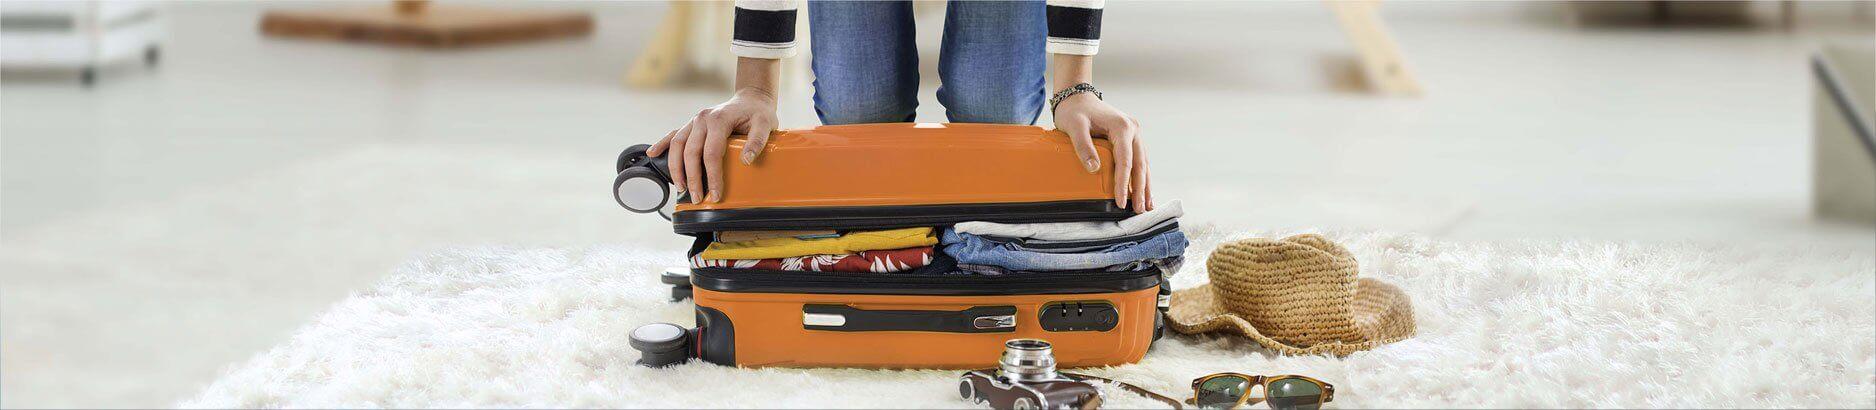 allarremviaggio, il, segreto, per, una, valigia, perfetta